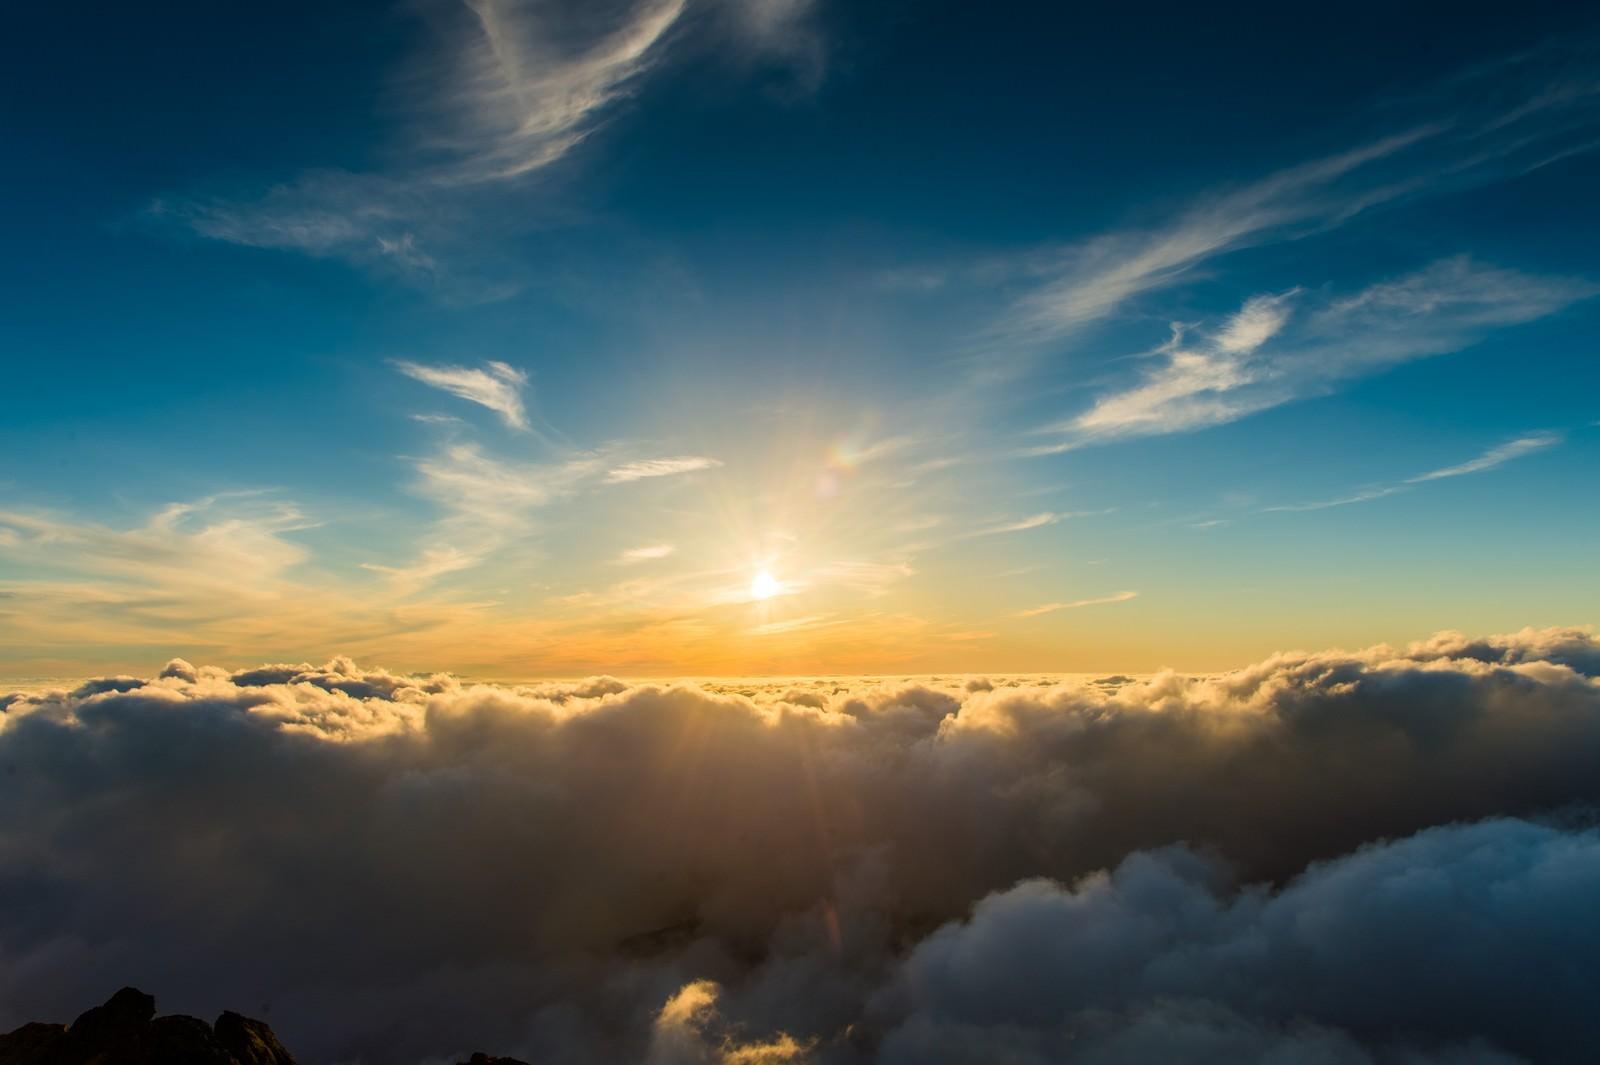 「槍ヶ岳頂上から見渡す限りの雲海と深い青空」の写真